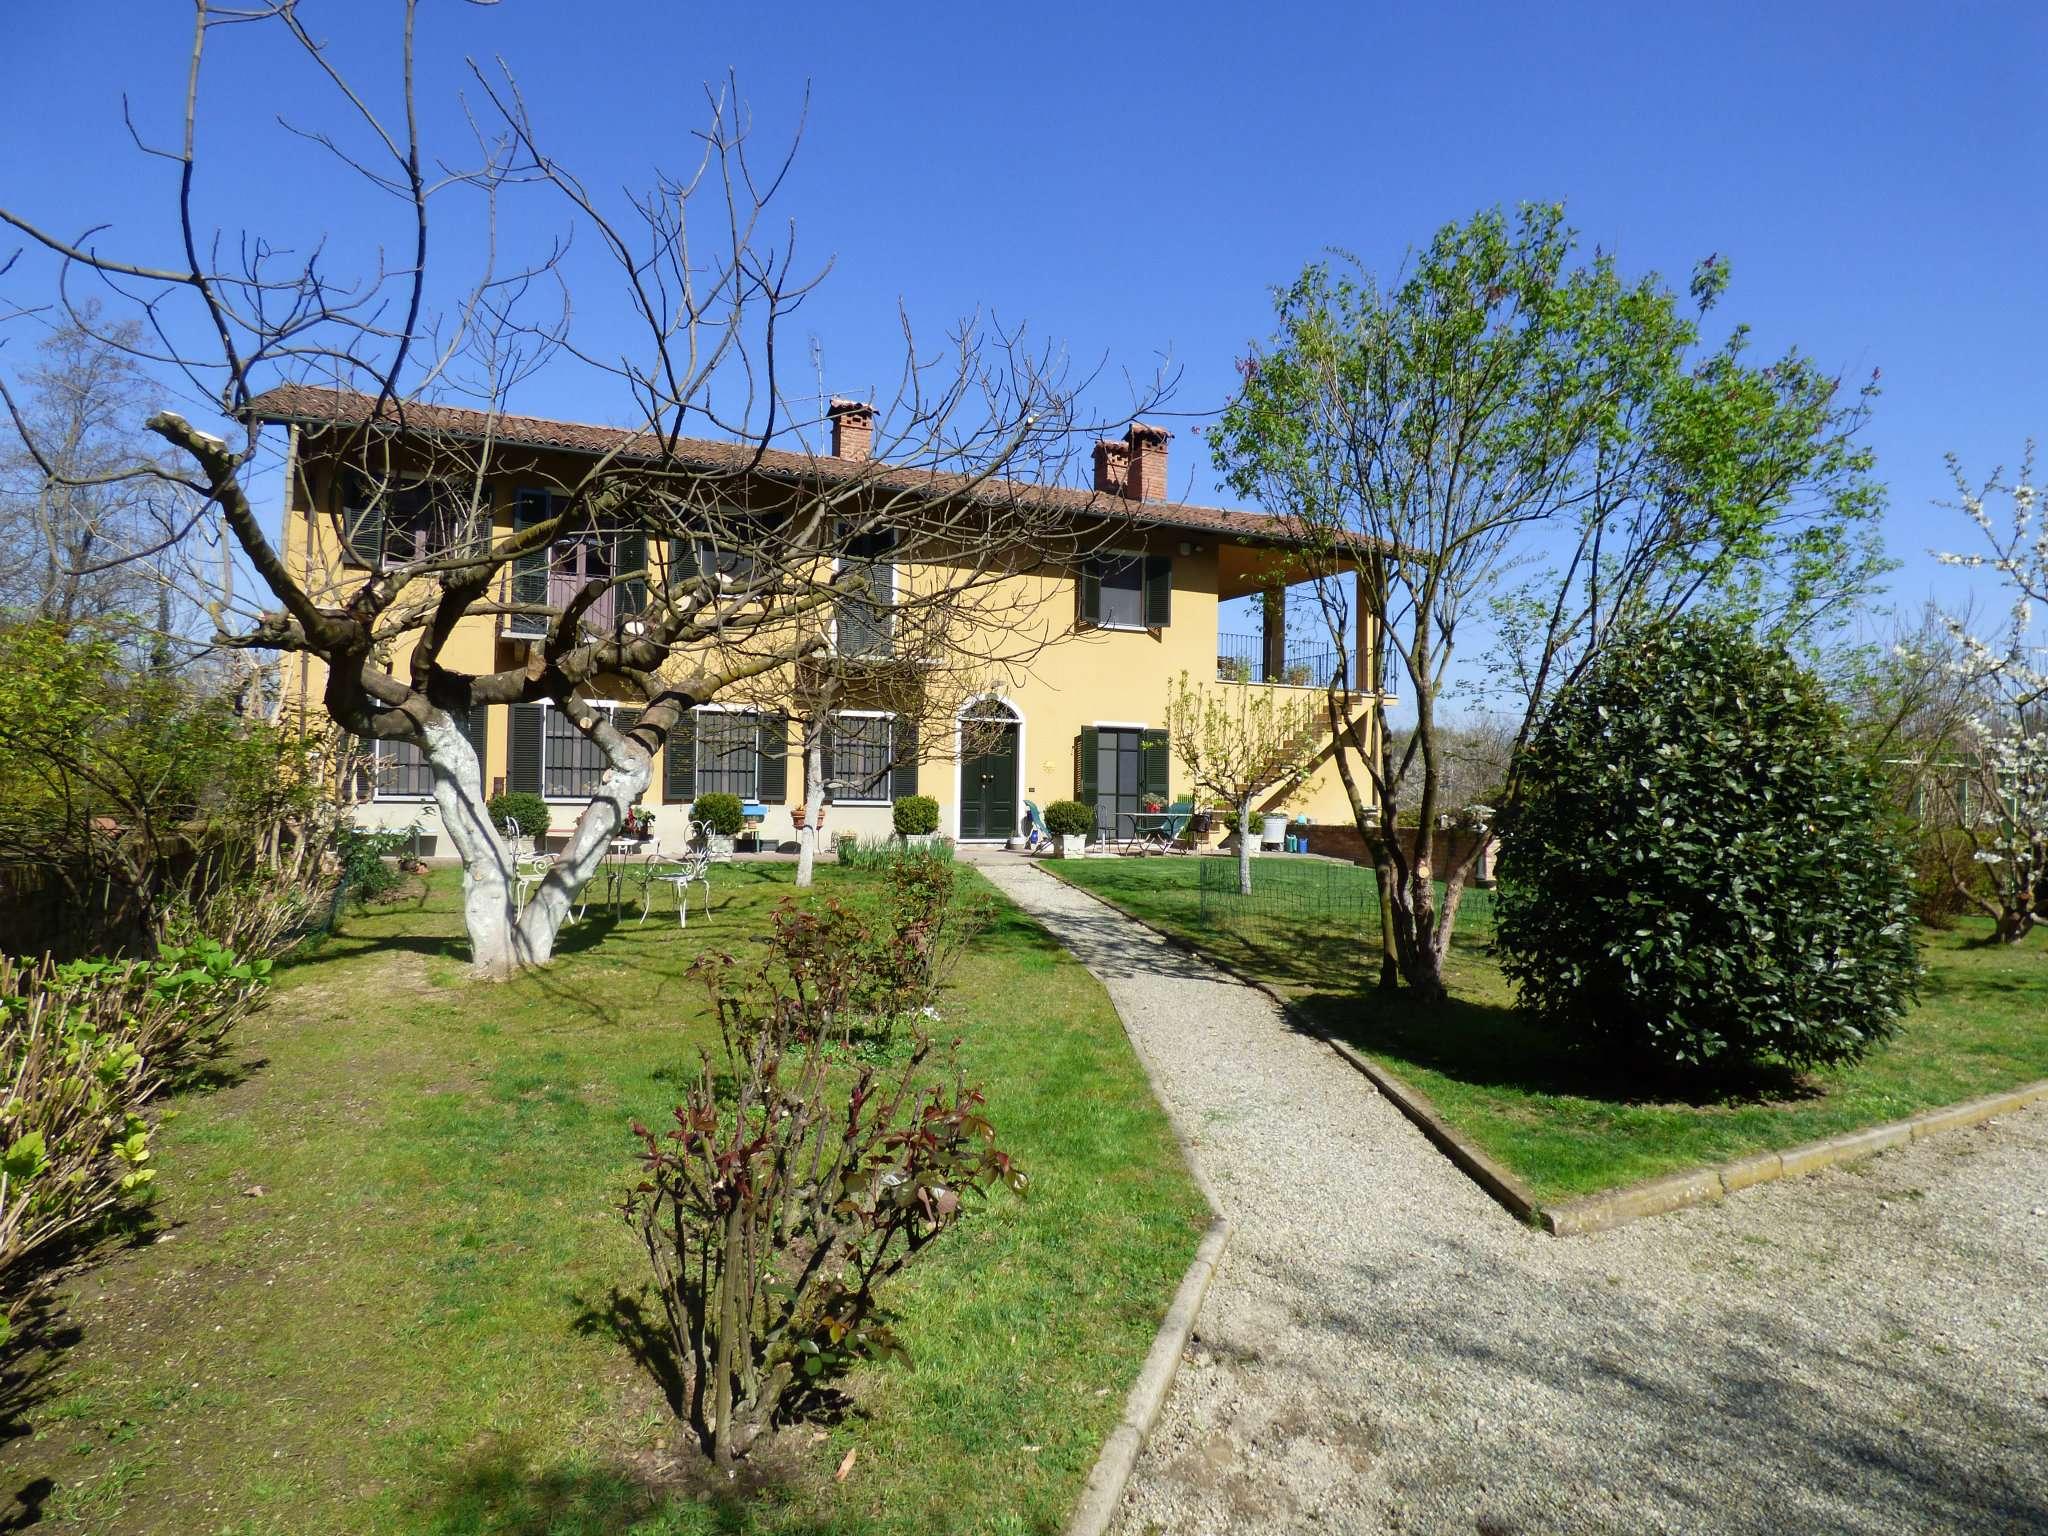 Rustico / Casale in vendita a Soglio, 7 locali, prezzo € 280.000 | CambioCasa.it